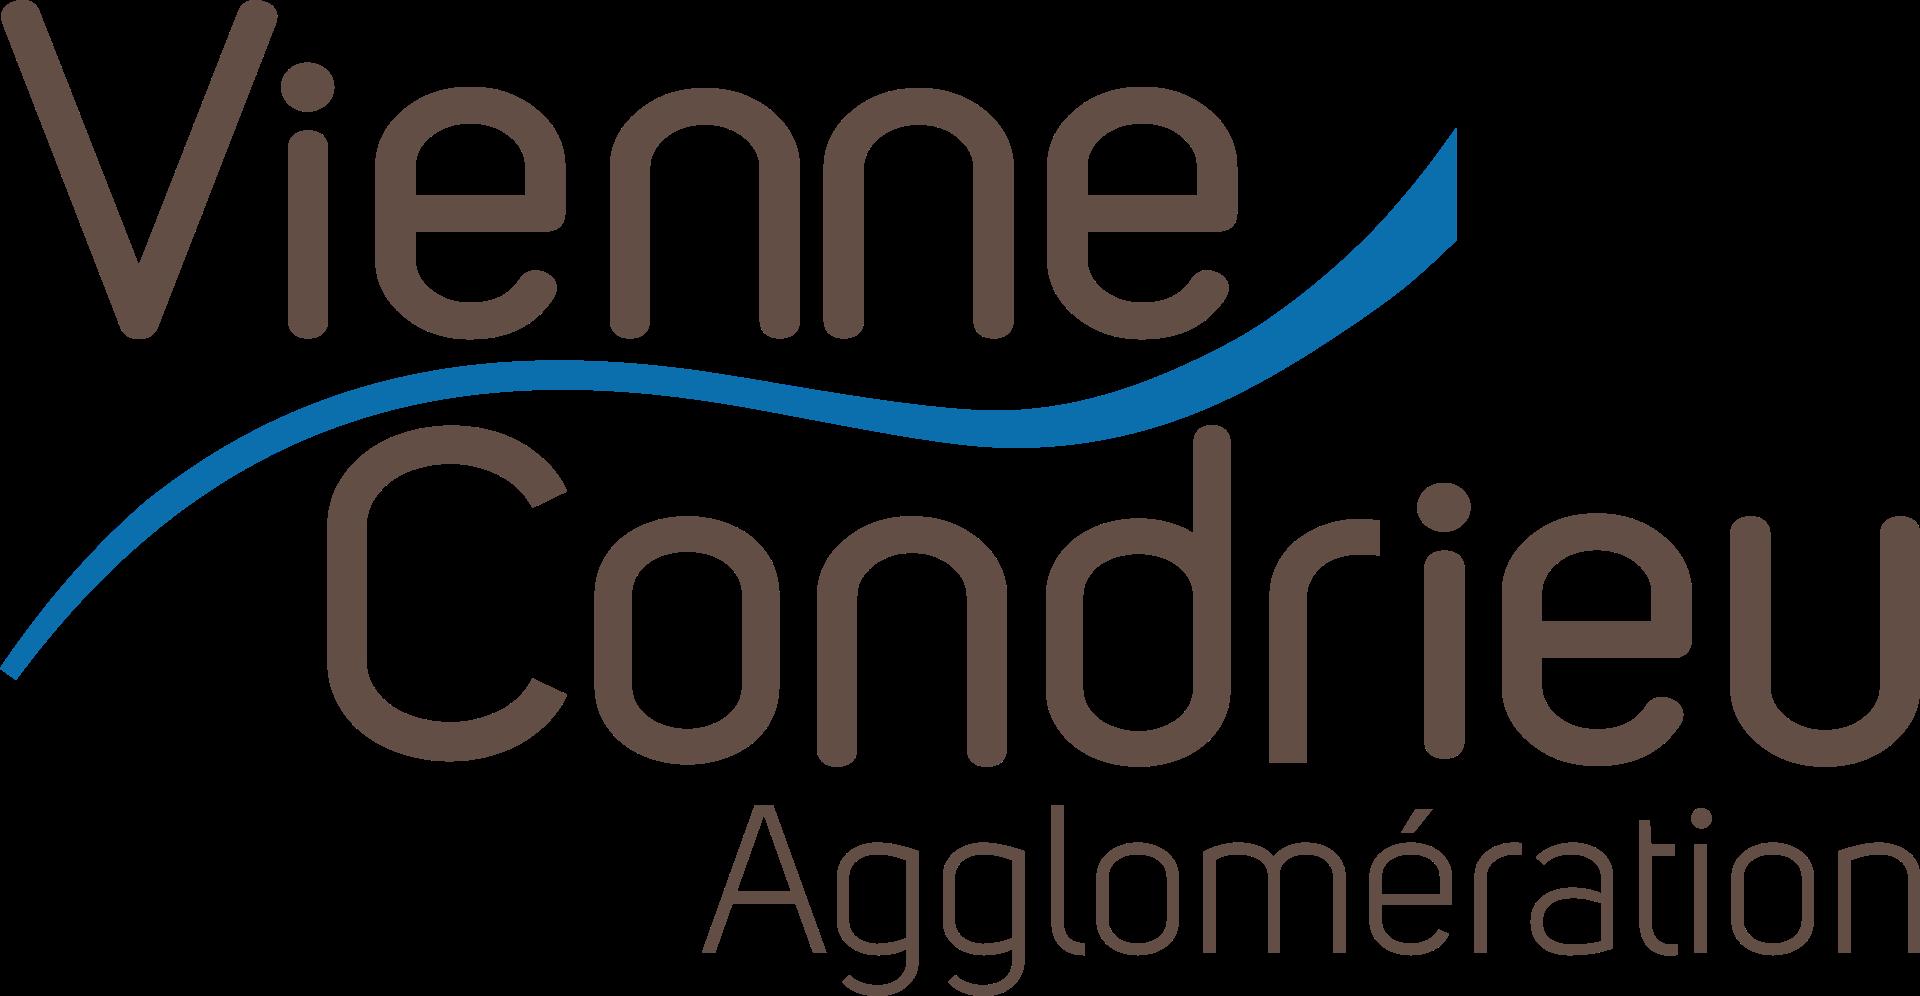 1920px-Logo_Vienne_Condrieu_Agglomération.svg.png